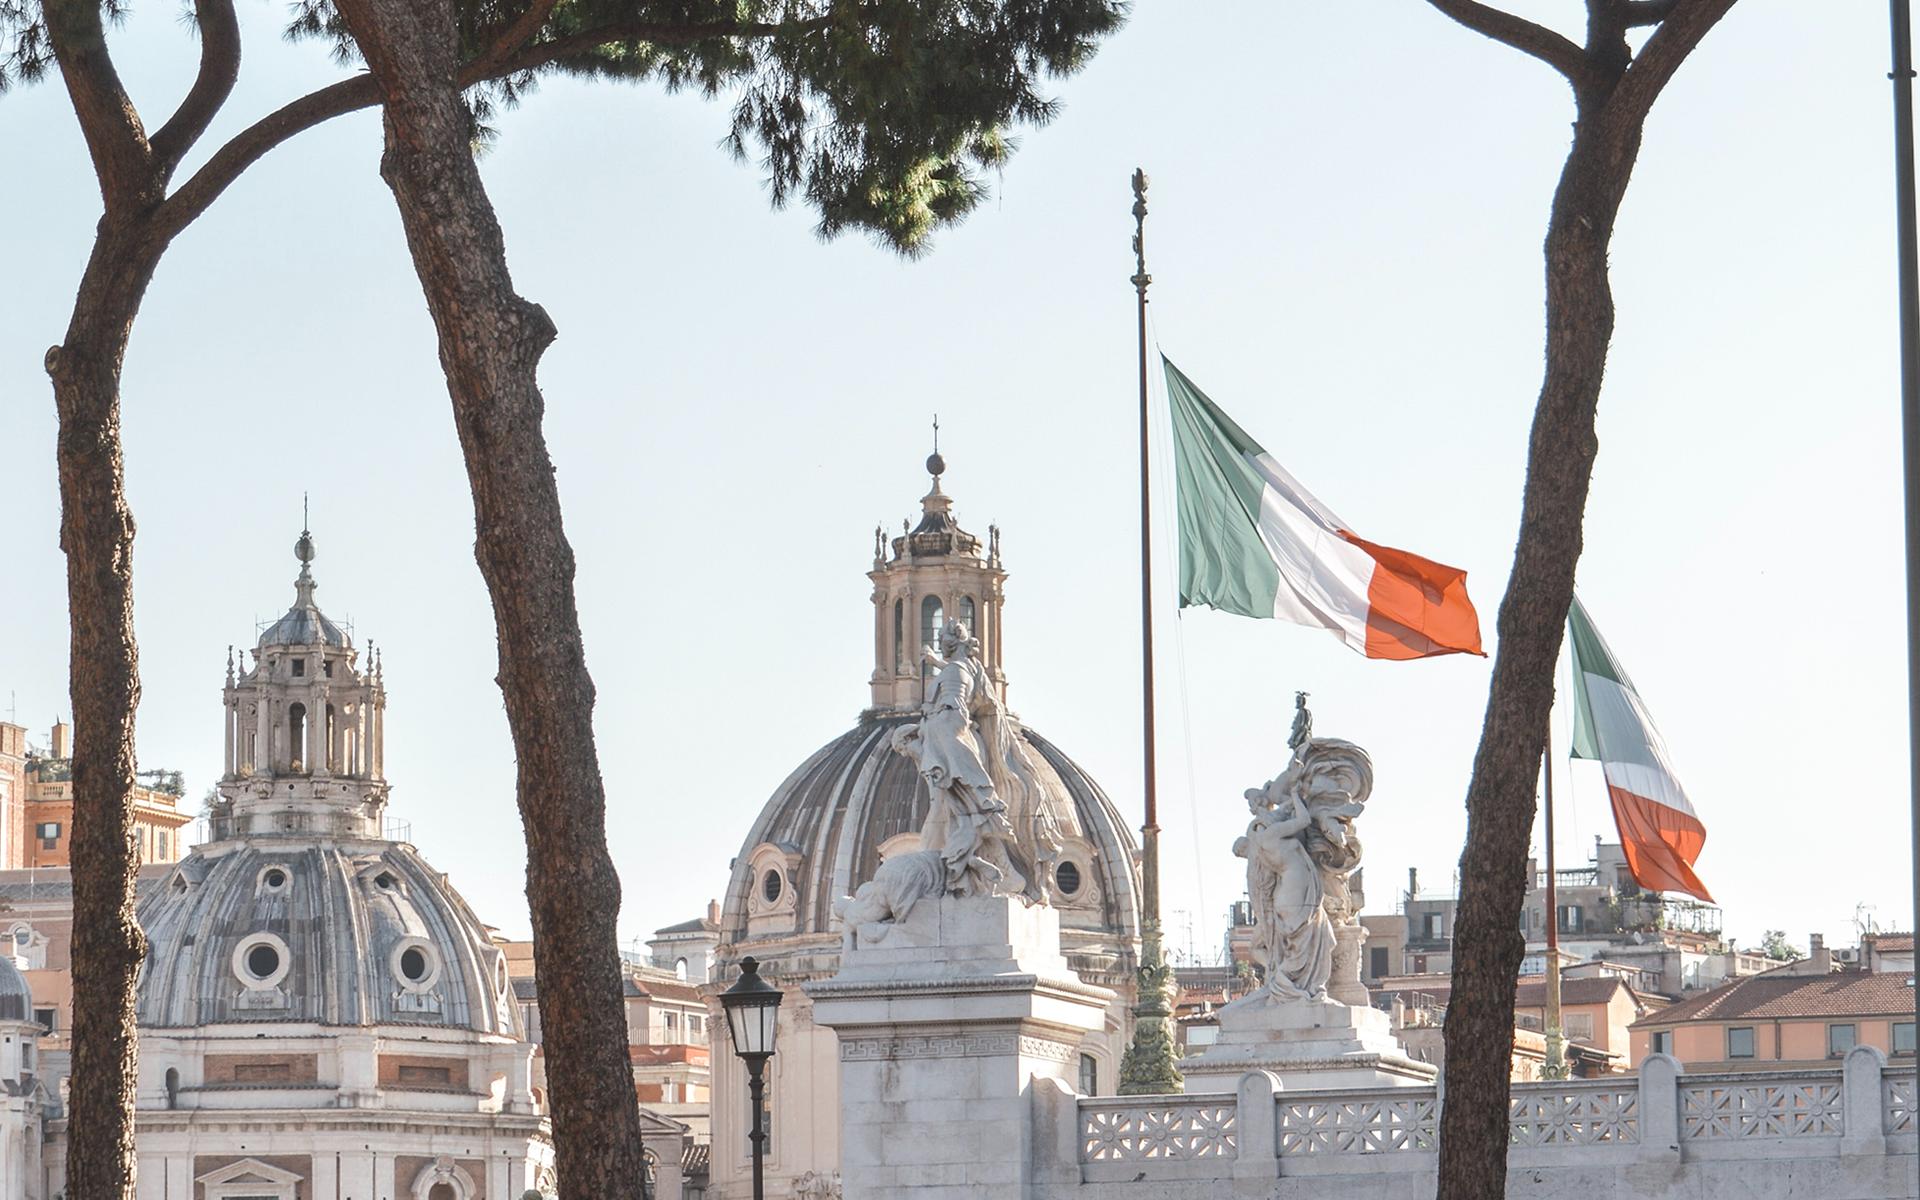 Italia riciclona: cresce la raccolta differenziata, diminuisce il ricorso alla discarica